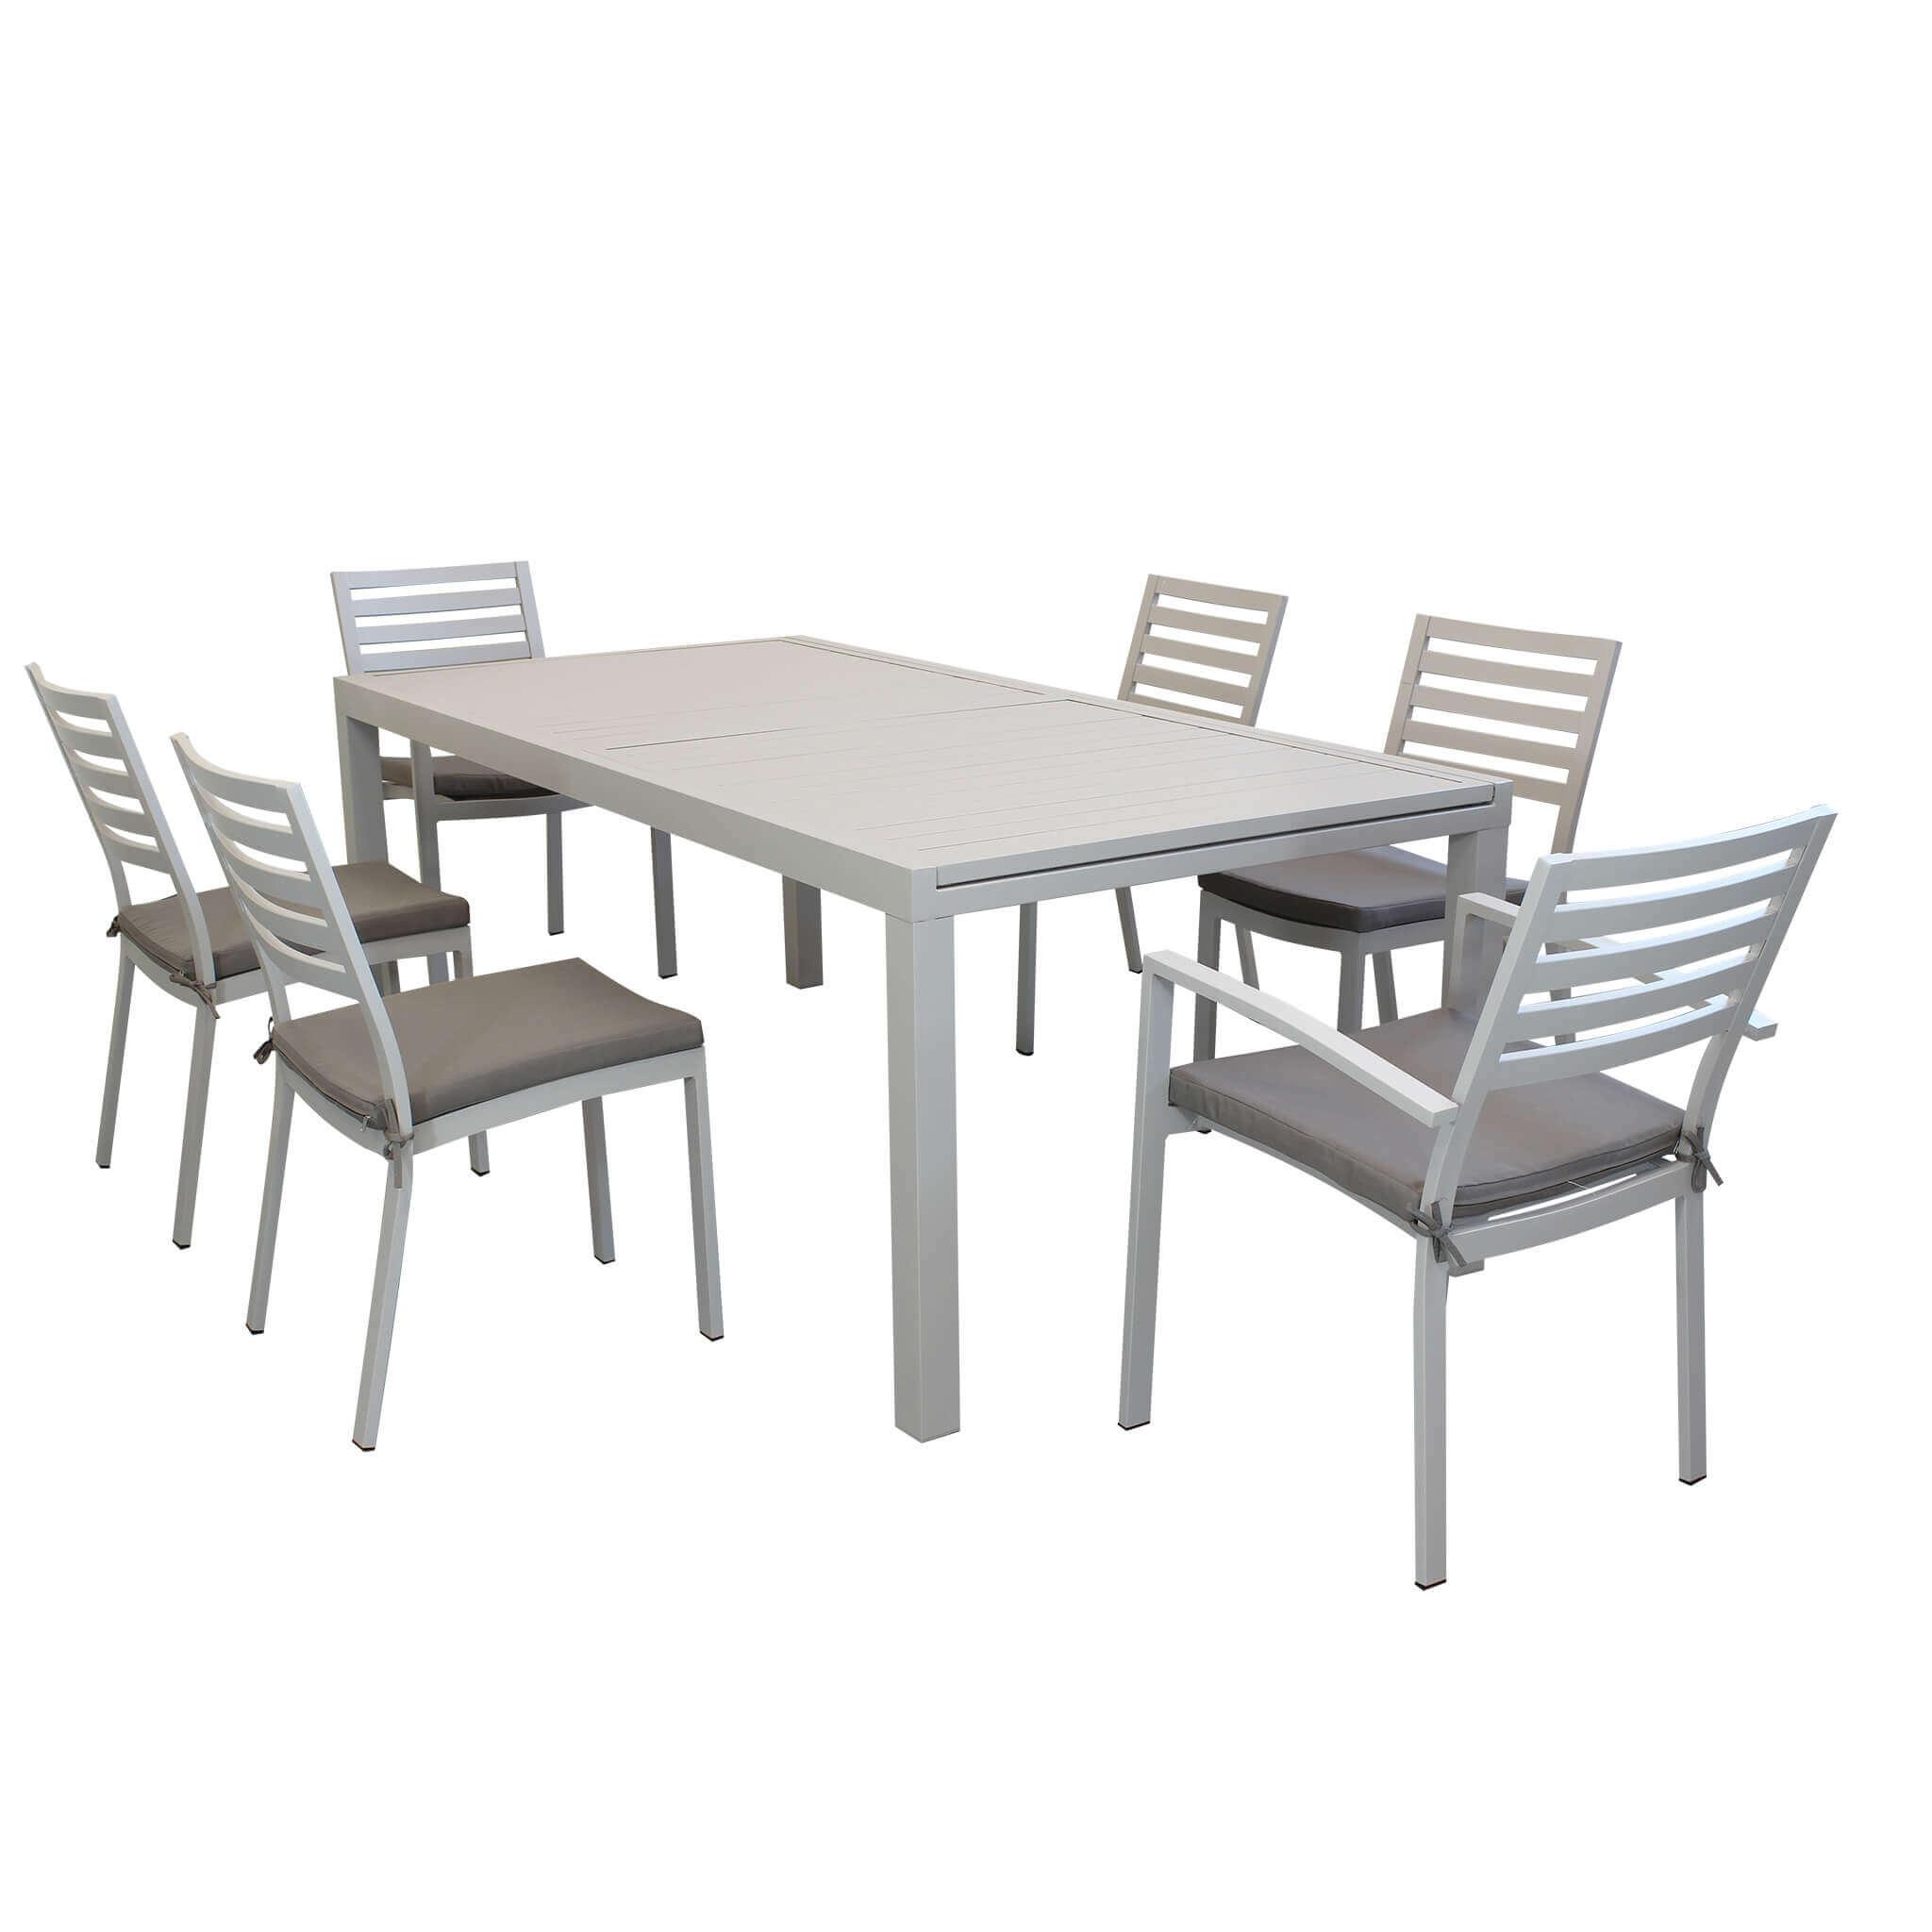 Milani Home DEXTER - set tavolo da giardino allungabile 200/300 x 100 compreso di 4 sedie e 2 poltrone in alluminio